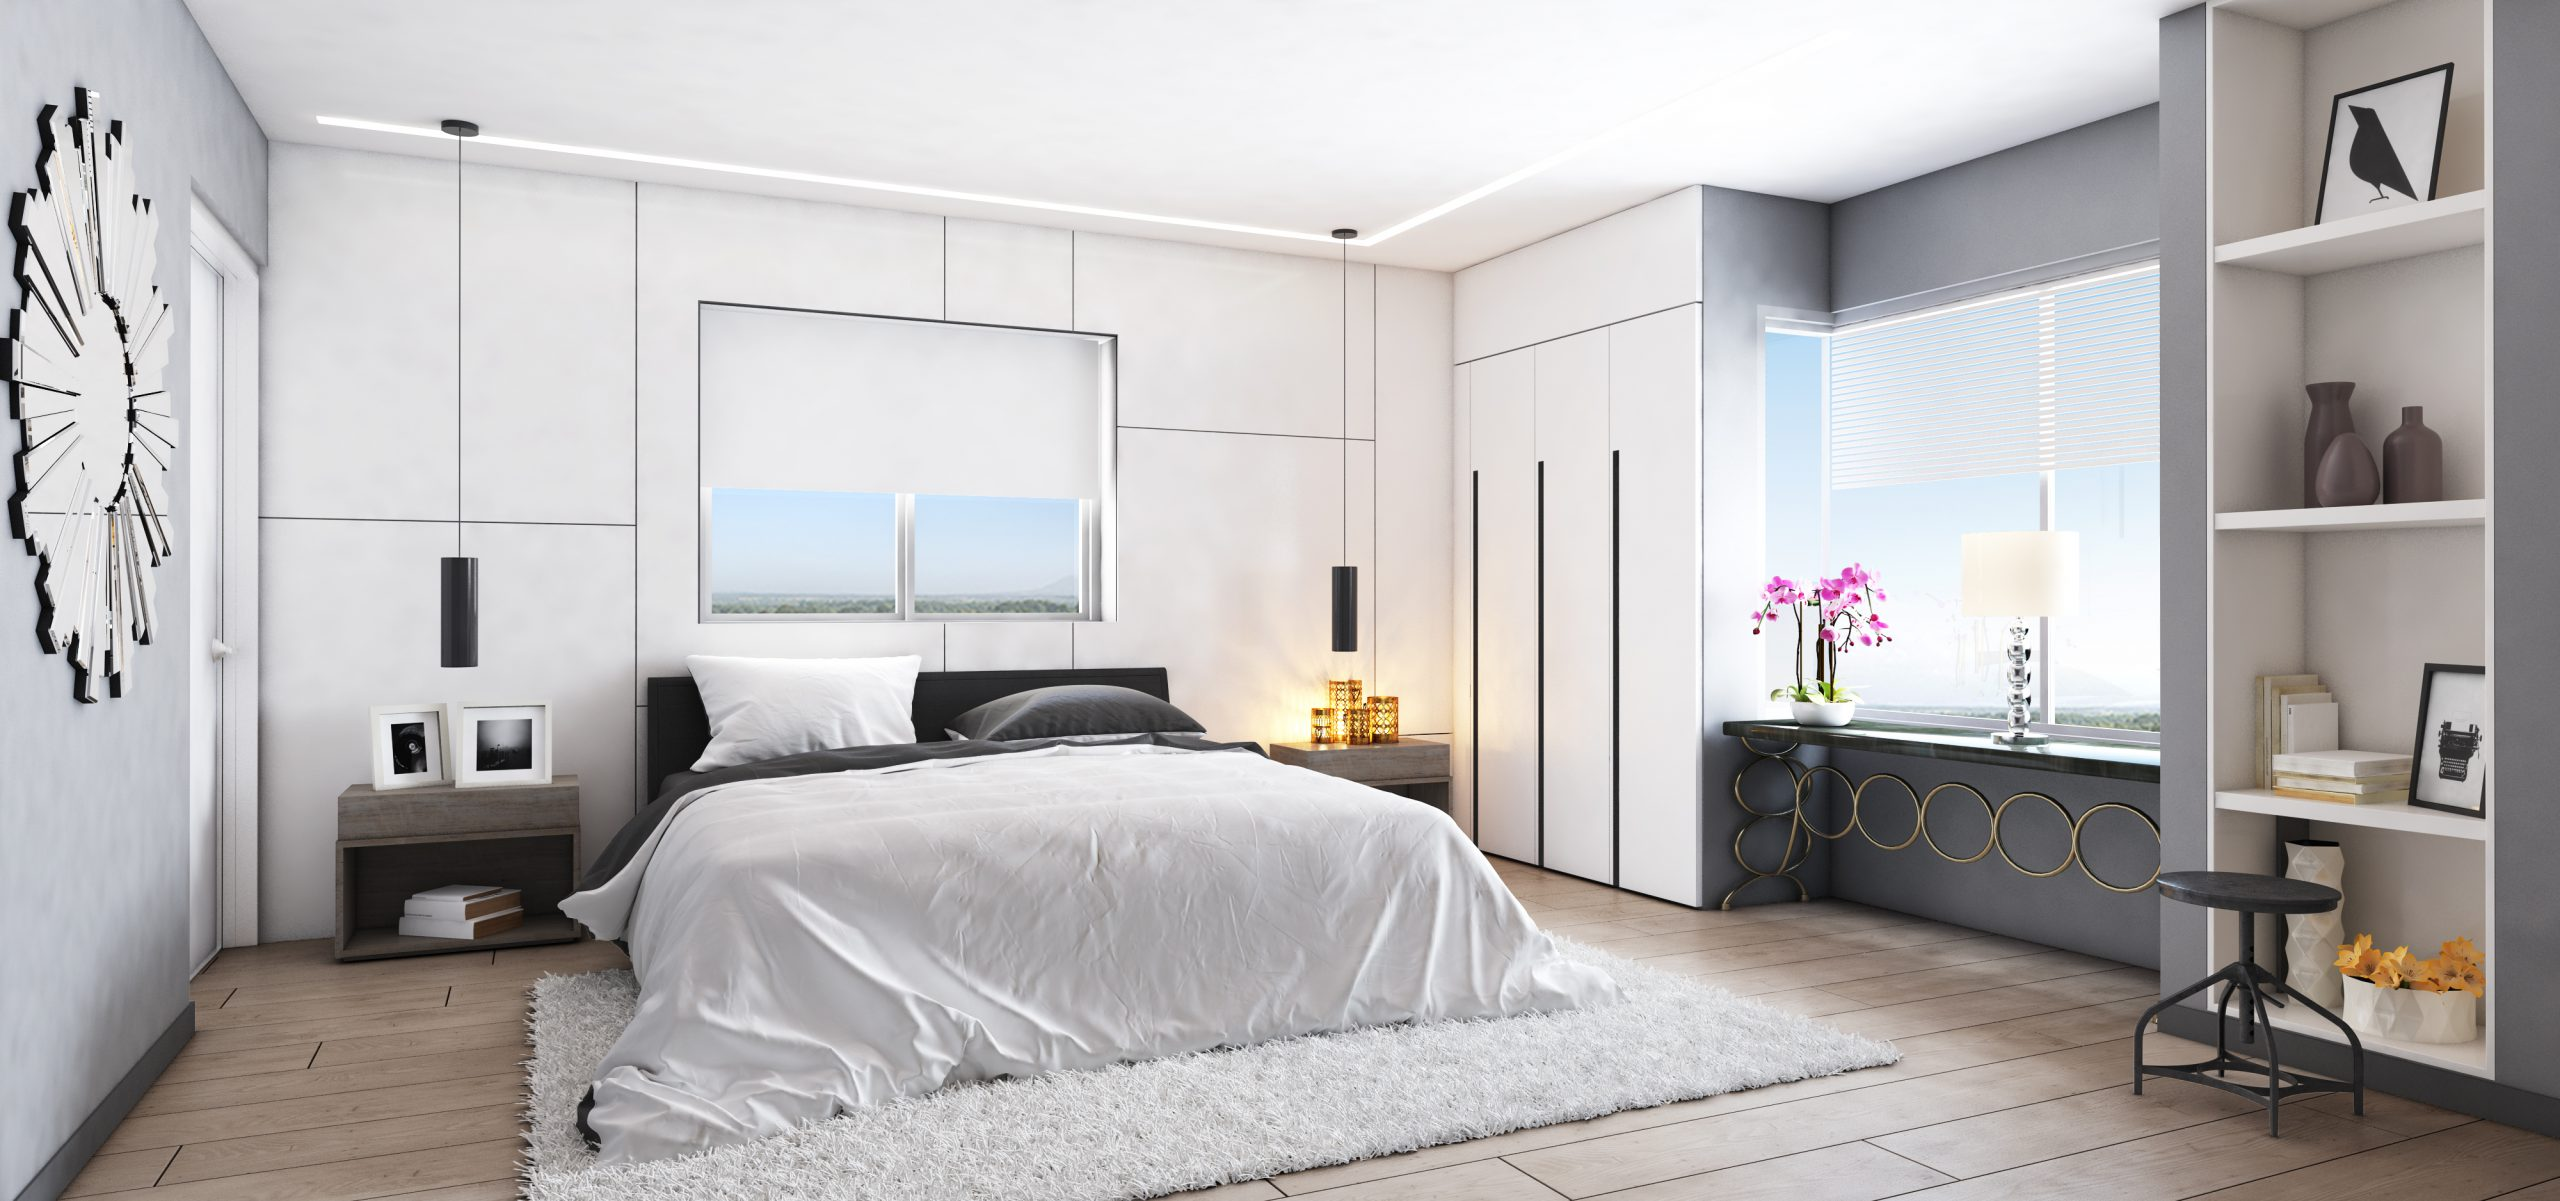 חדר שינה בפרויקט ONE רמת אביב